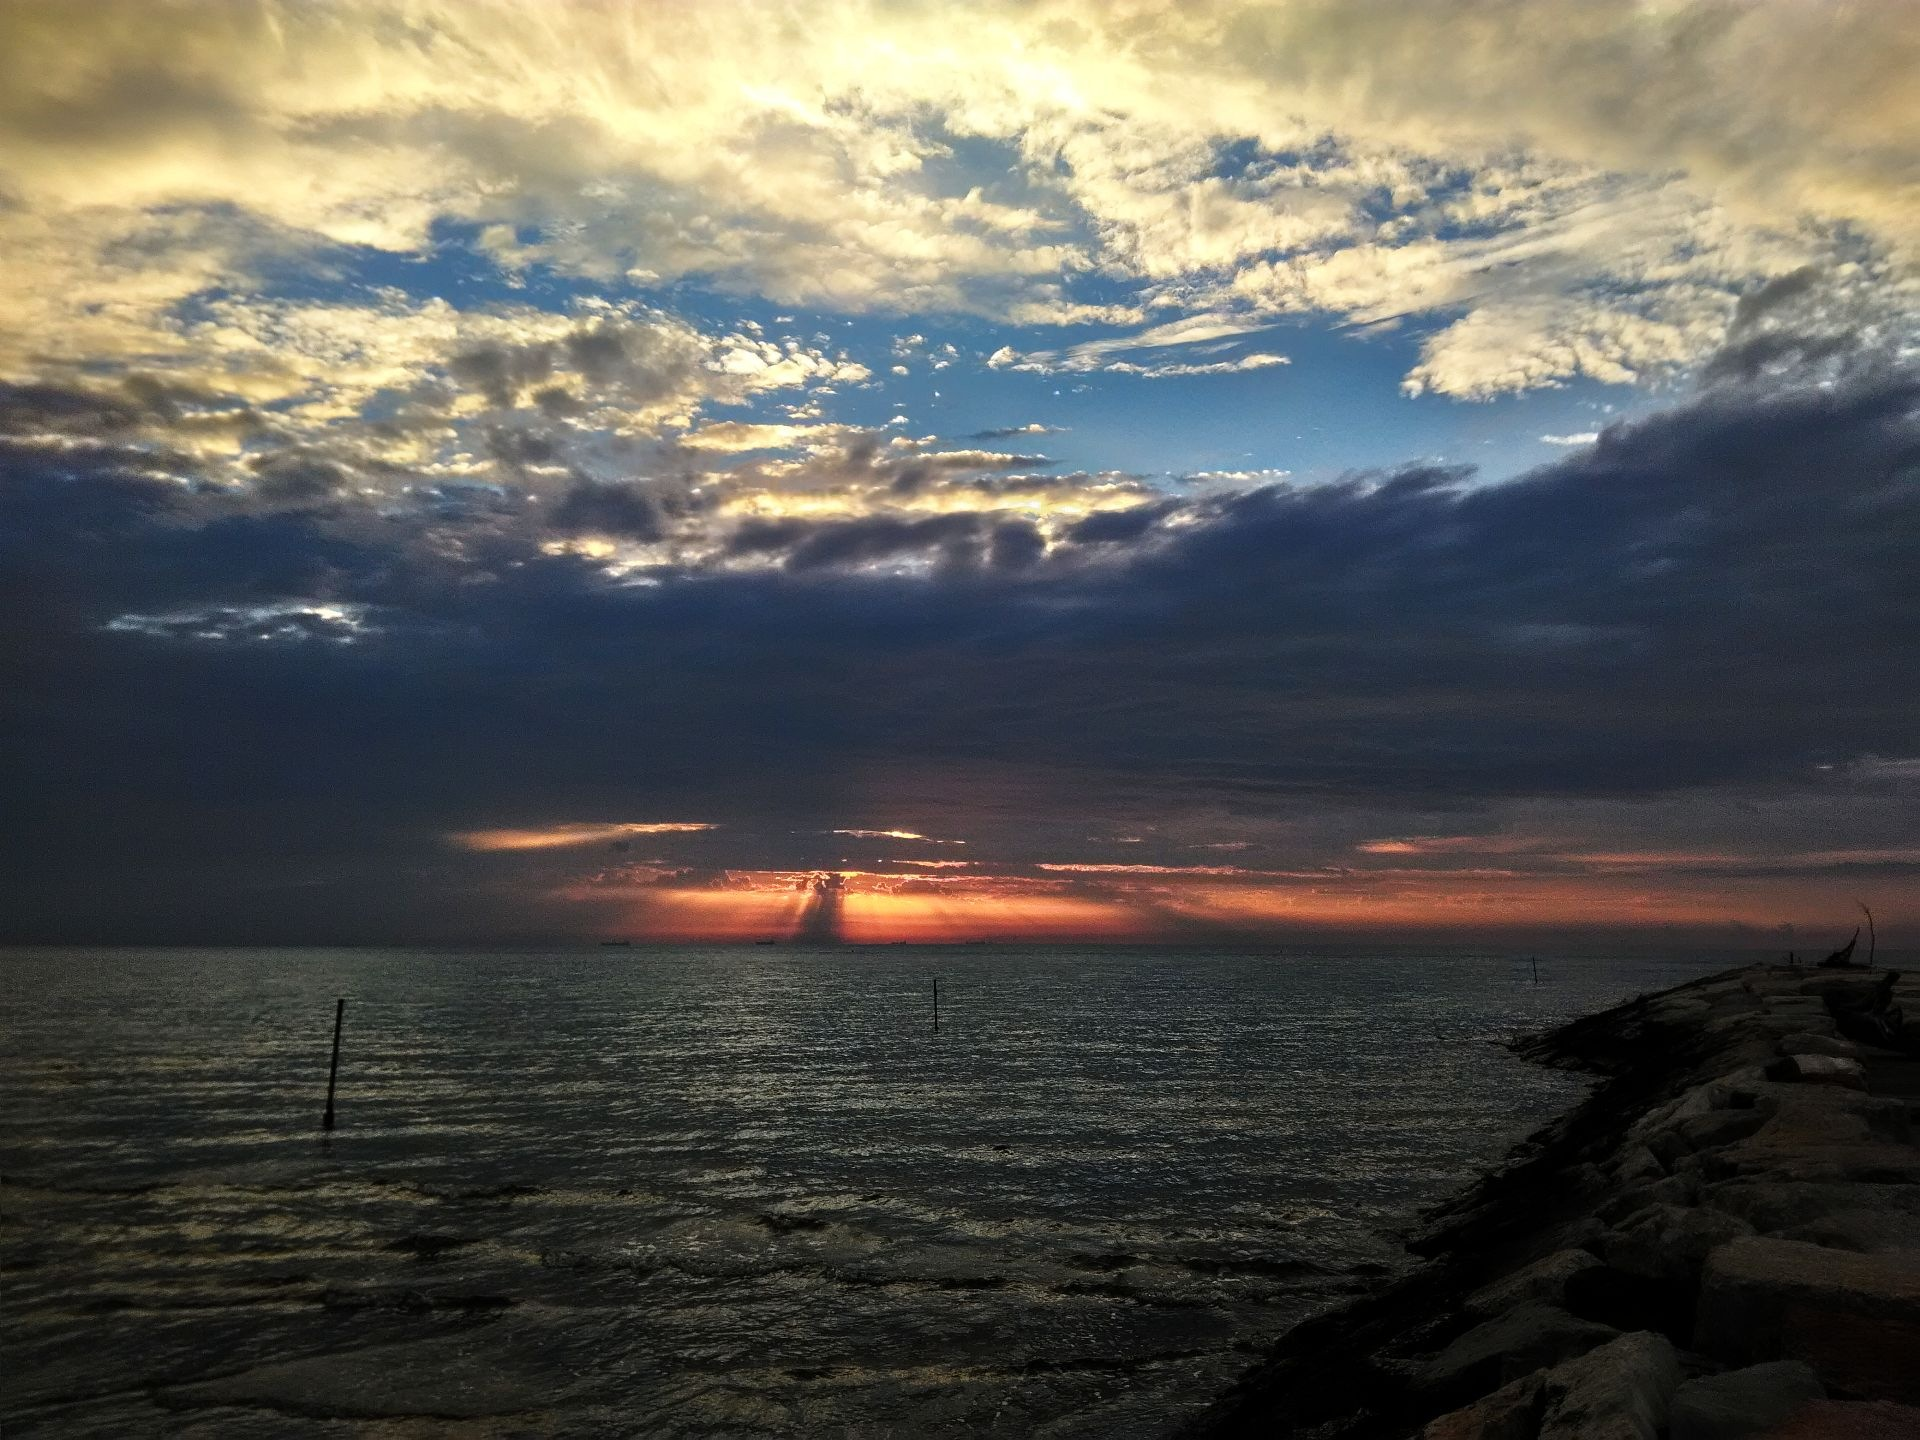 Sunrise infused by Eugenio Penzo